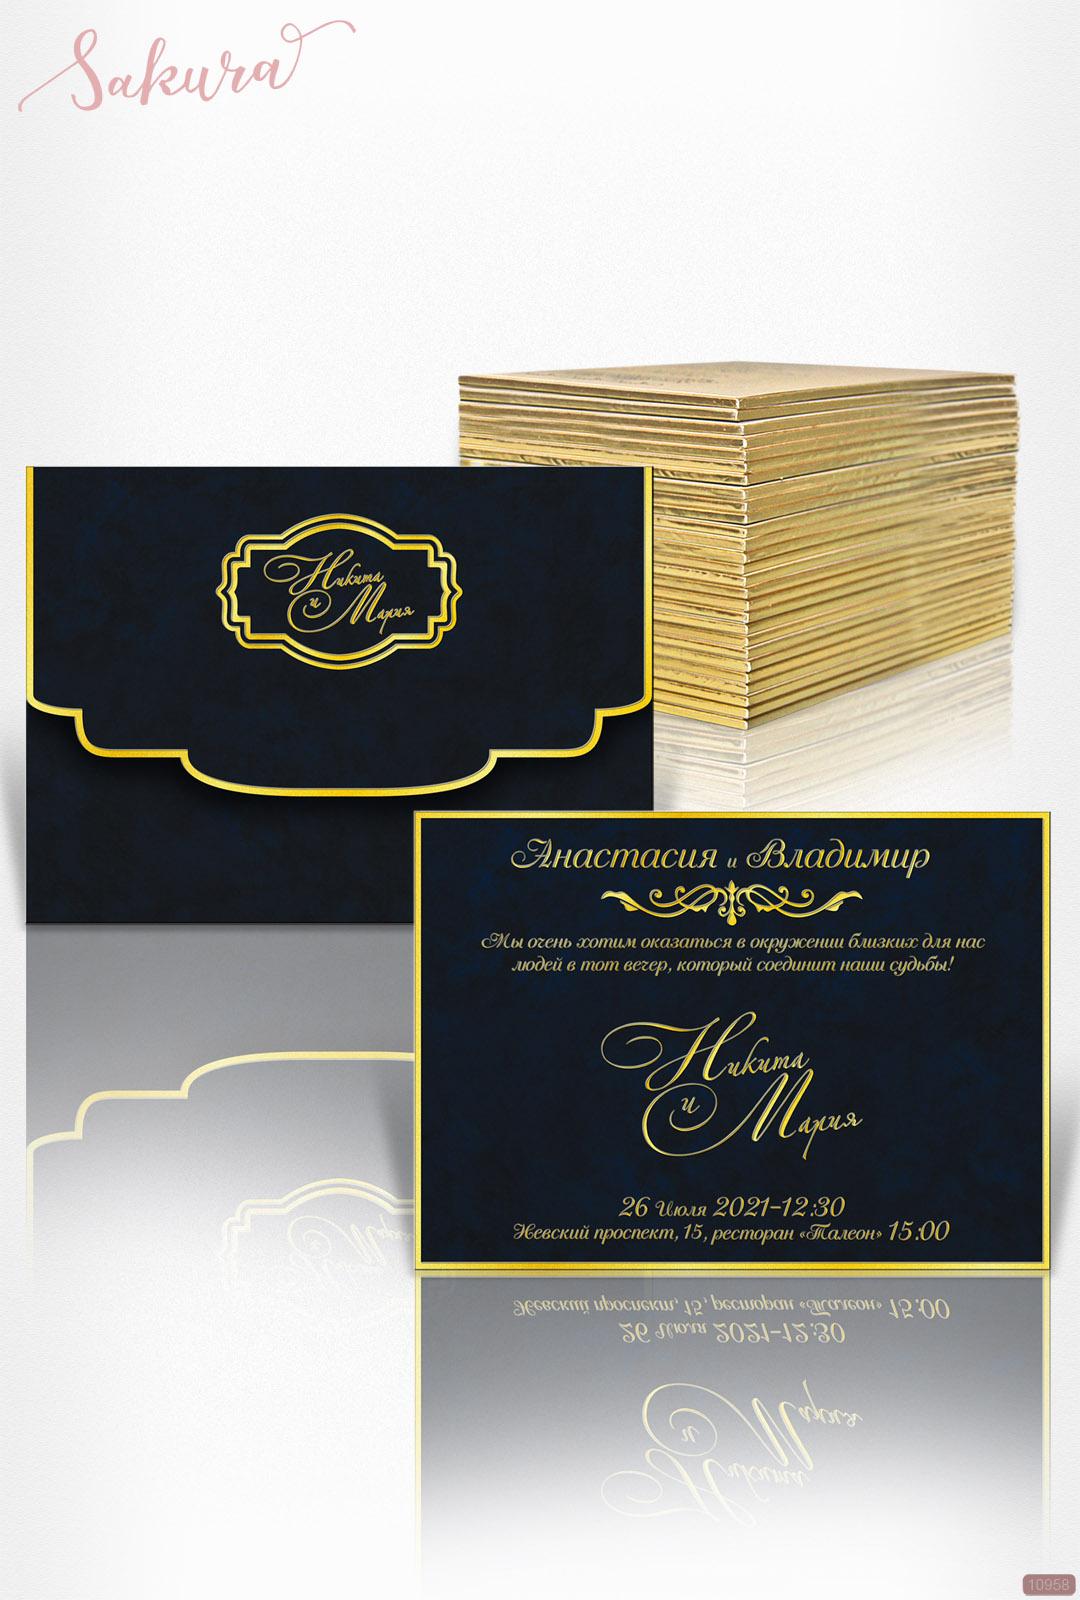 Свадебные приглашения темно-синий бархат с золотой гранью. 3D конверт. Тиснение текста золотом